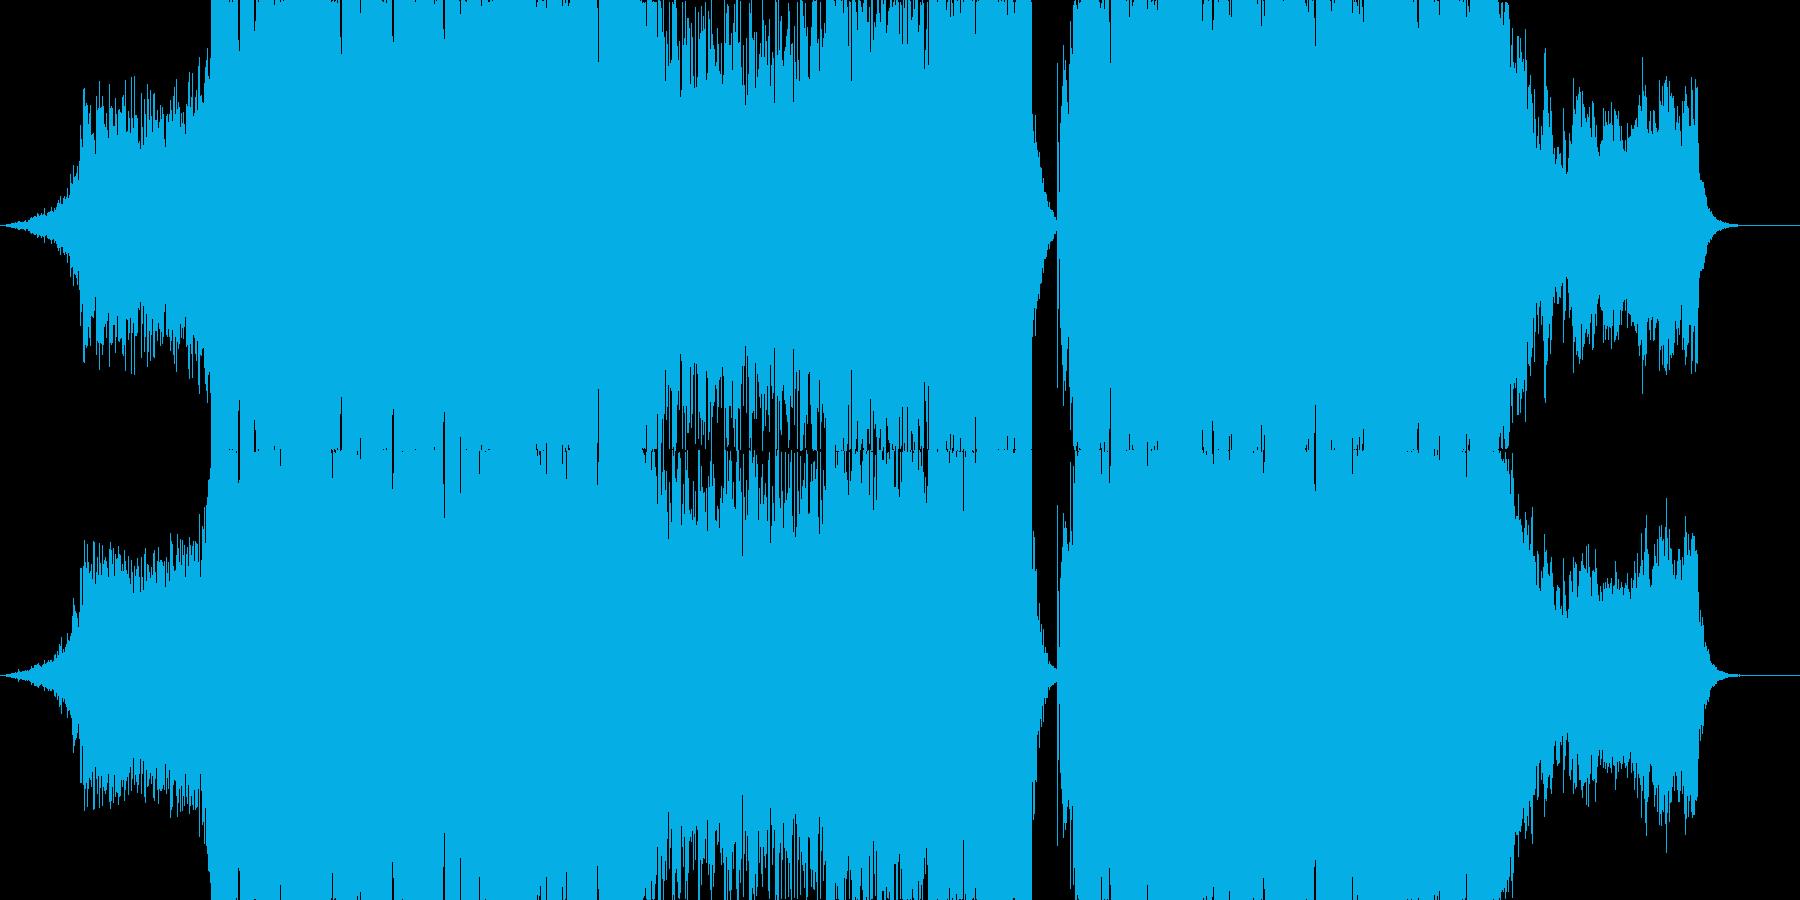 終焉 / ダブステップ・エレクトロの再生済みの波形